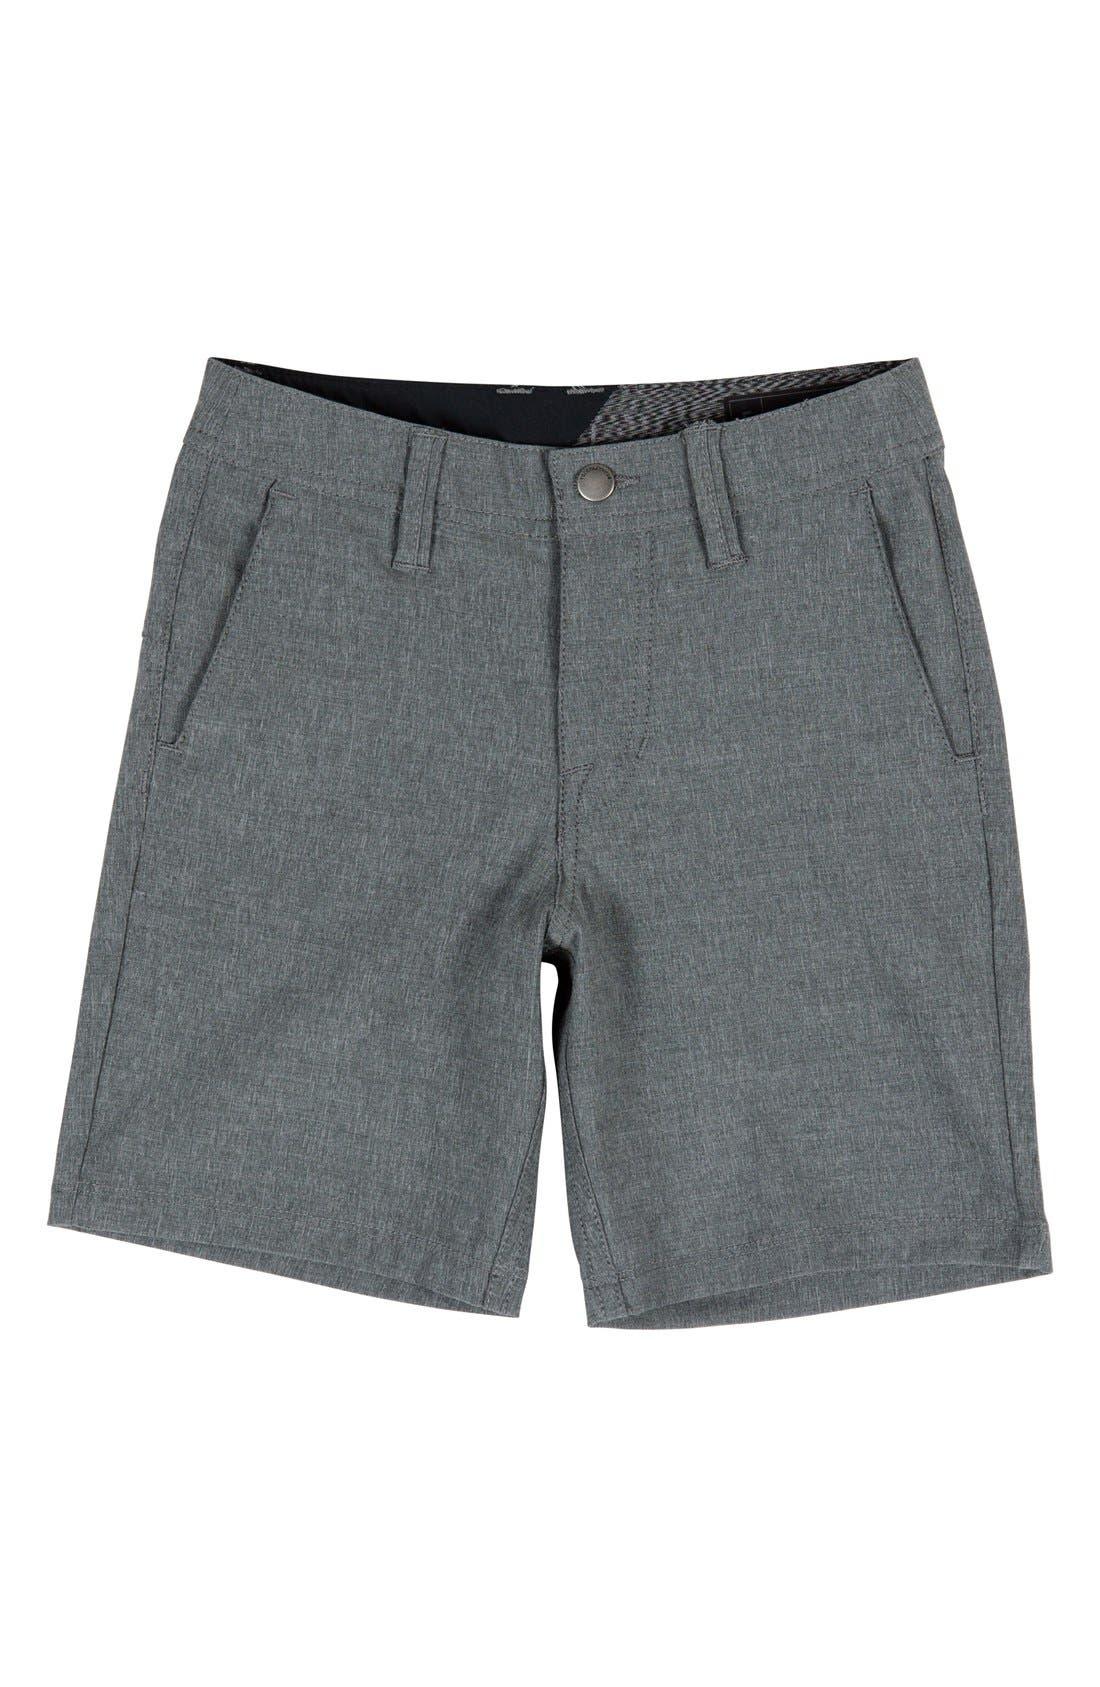 Surf N' Turf Static Hybrid Shorts,                         Main,                         color, 001